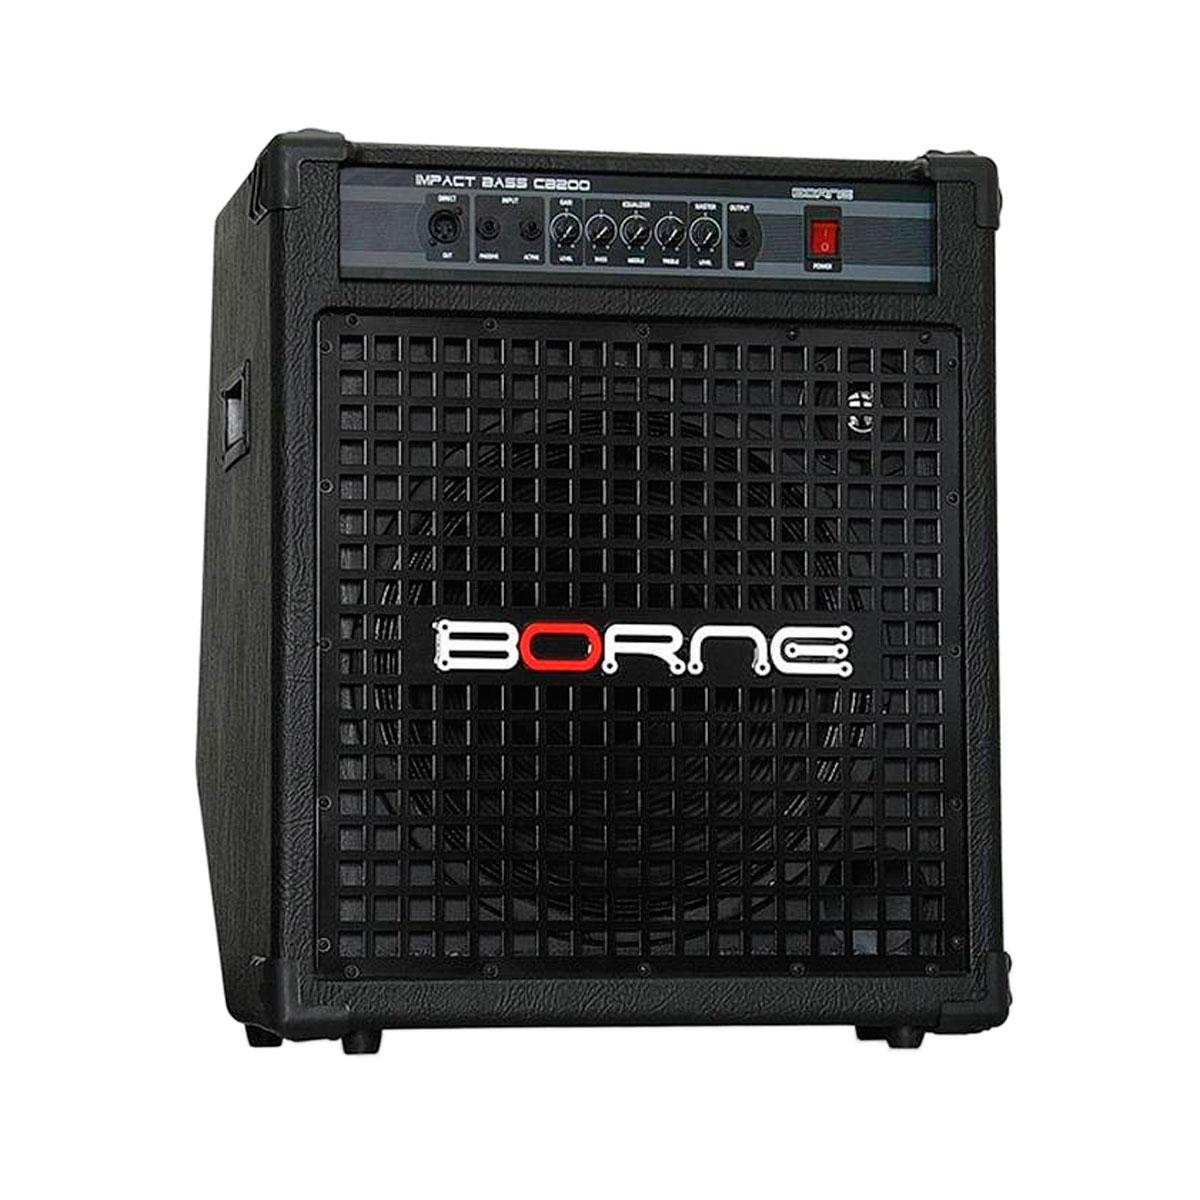 Cubo Ativo p/ Contrabaixo Fal 15 Pol 200W Impact Bass - CB 200 Borne